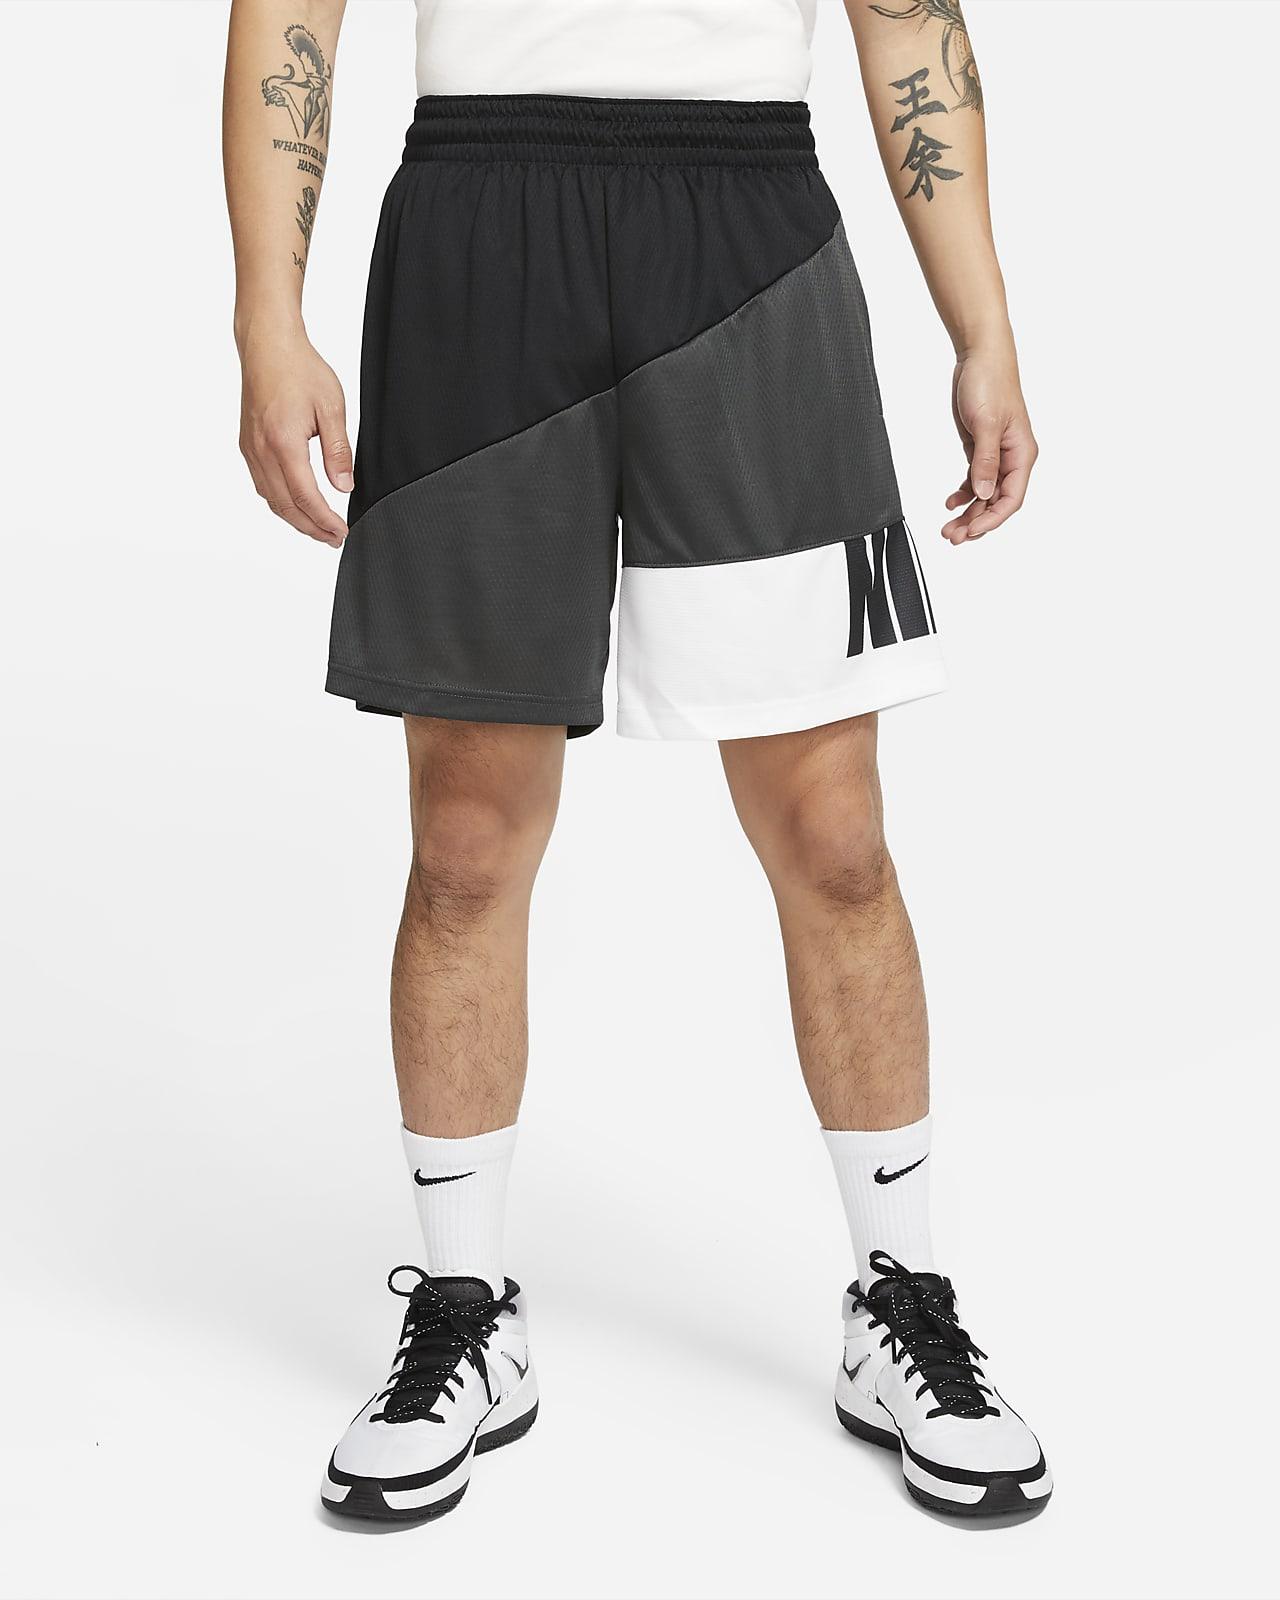 Nike Dri-FIT Men's Basketball Shorts